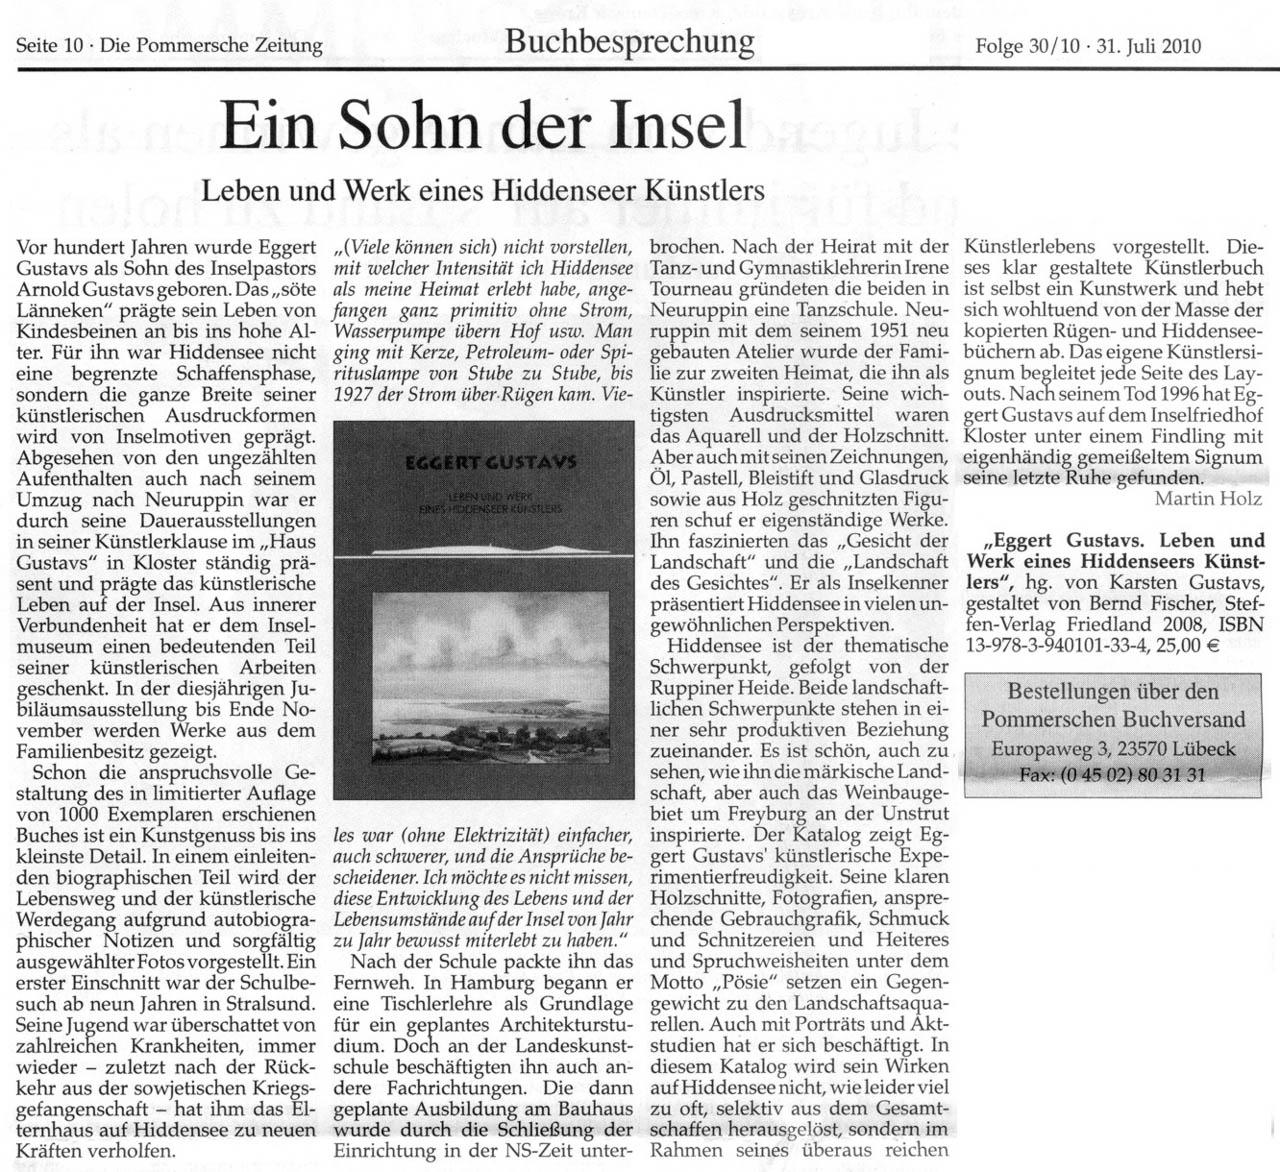 Die Pommersche Zeitung 31. Juli 2010